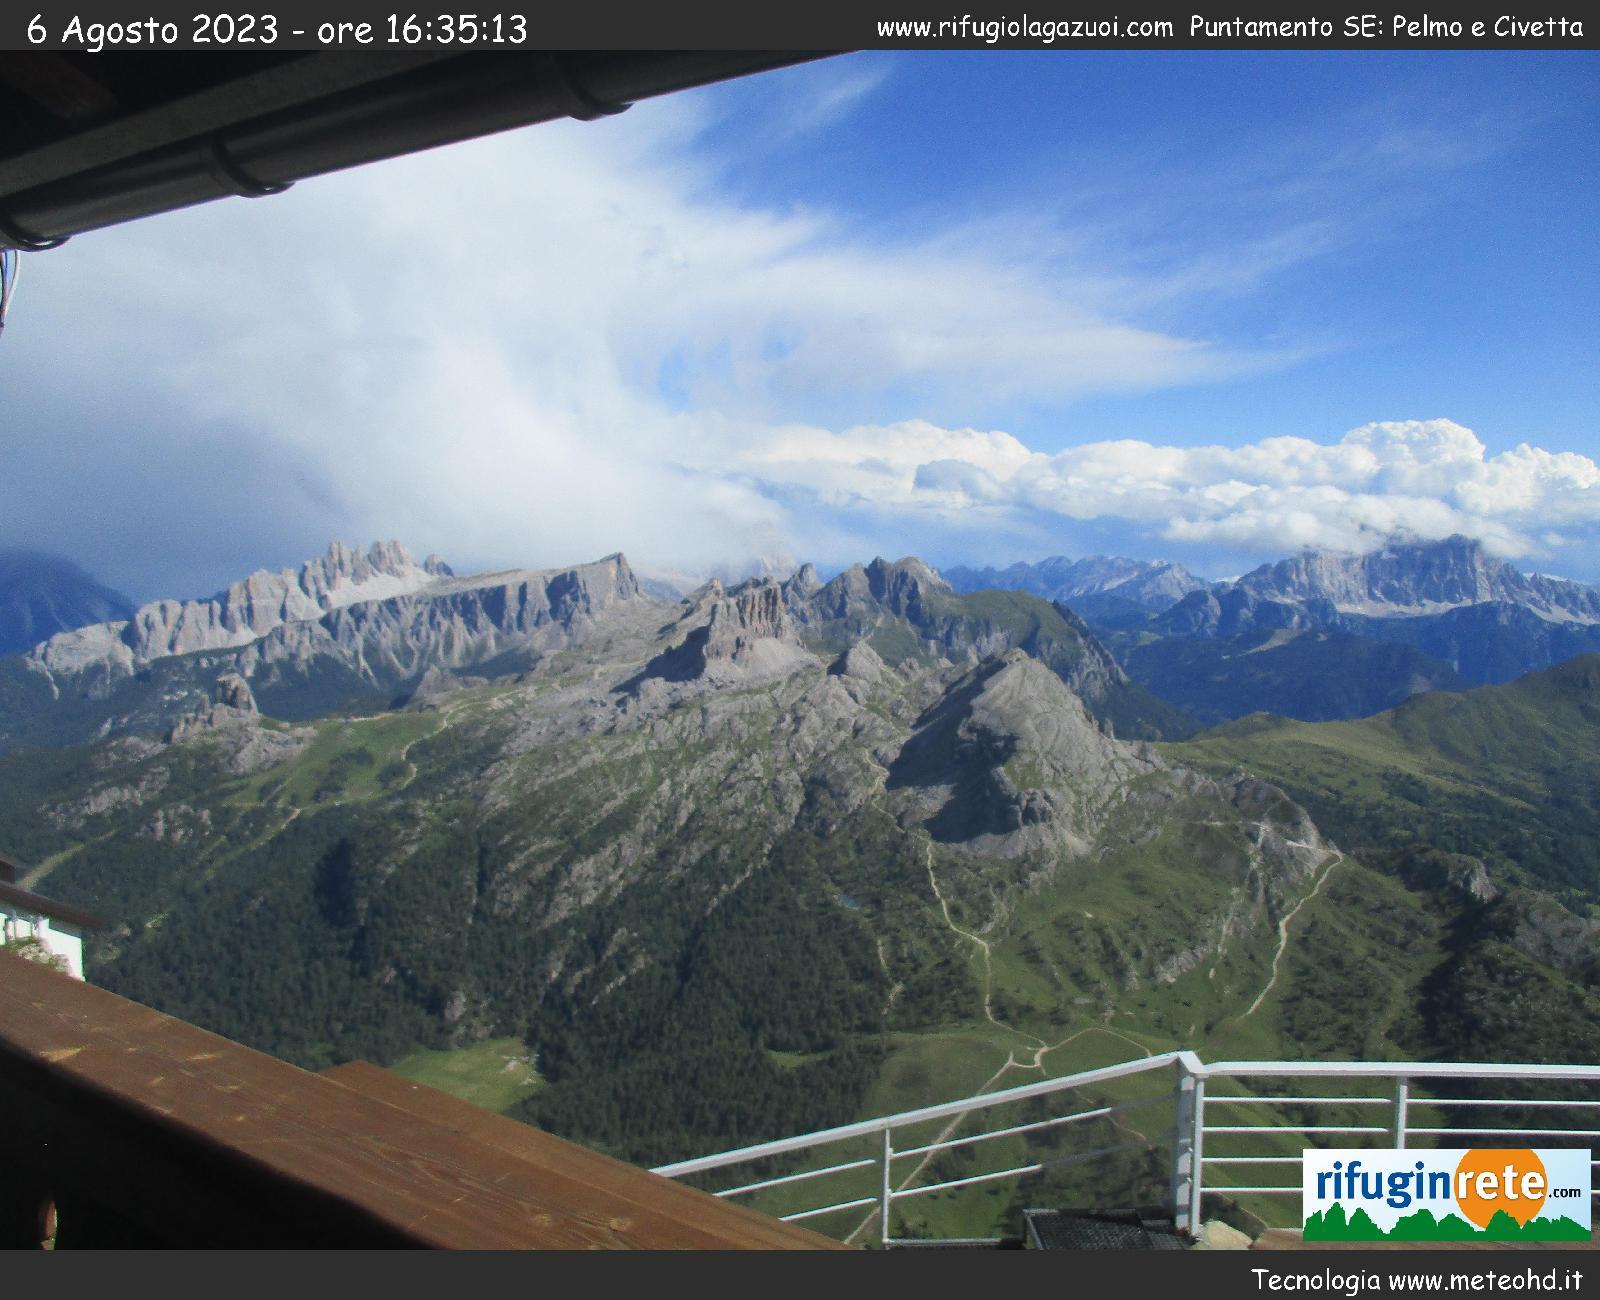 Panorama dal Rifugio Lagazuoi